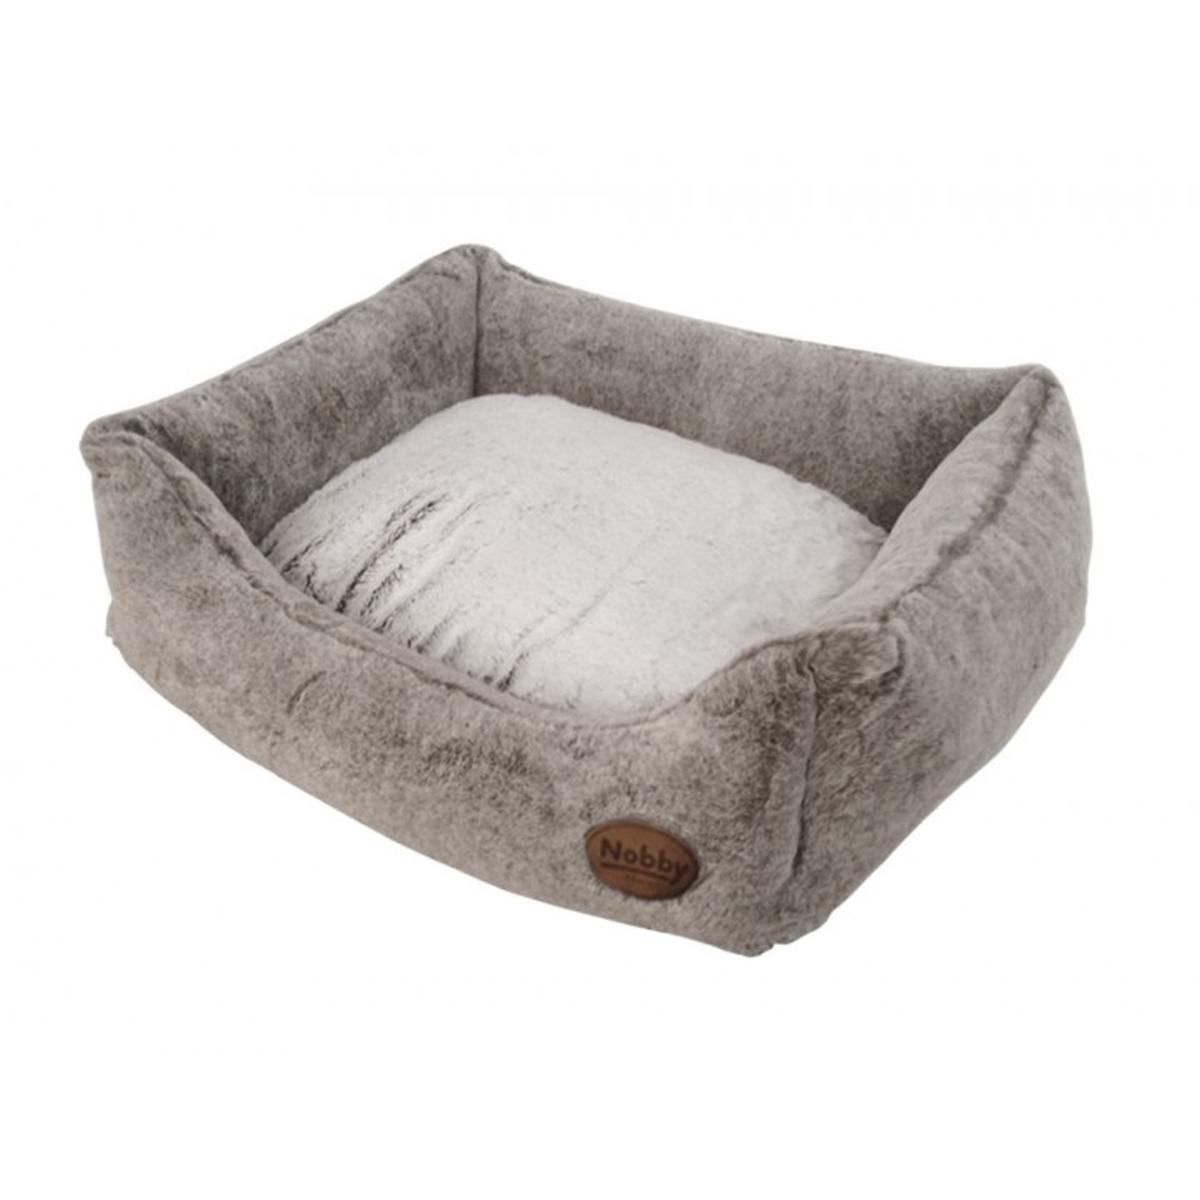 Productafbeelding voor 'Vierkant bed cuddly licht bruin'